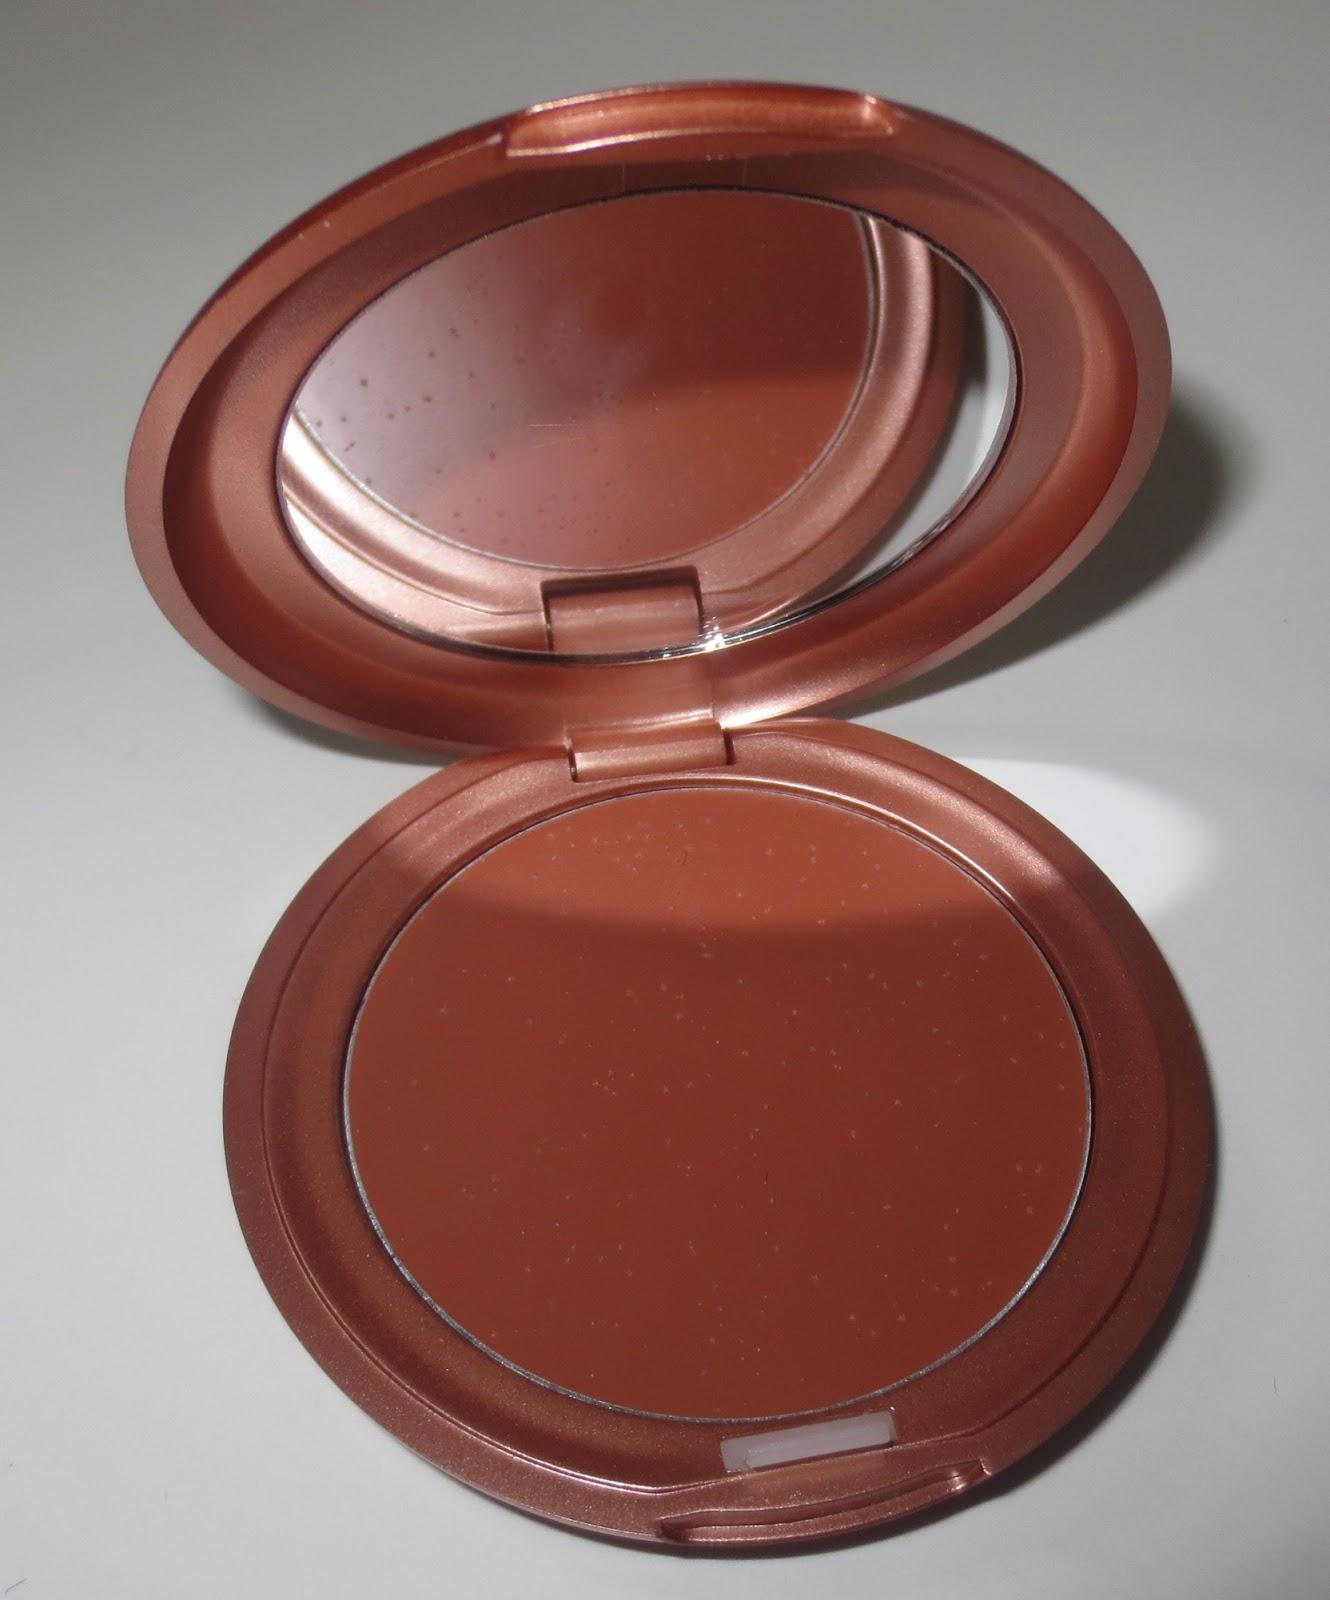 Stila Convertible Color in Camellia